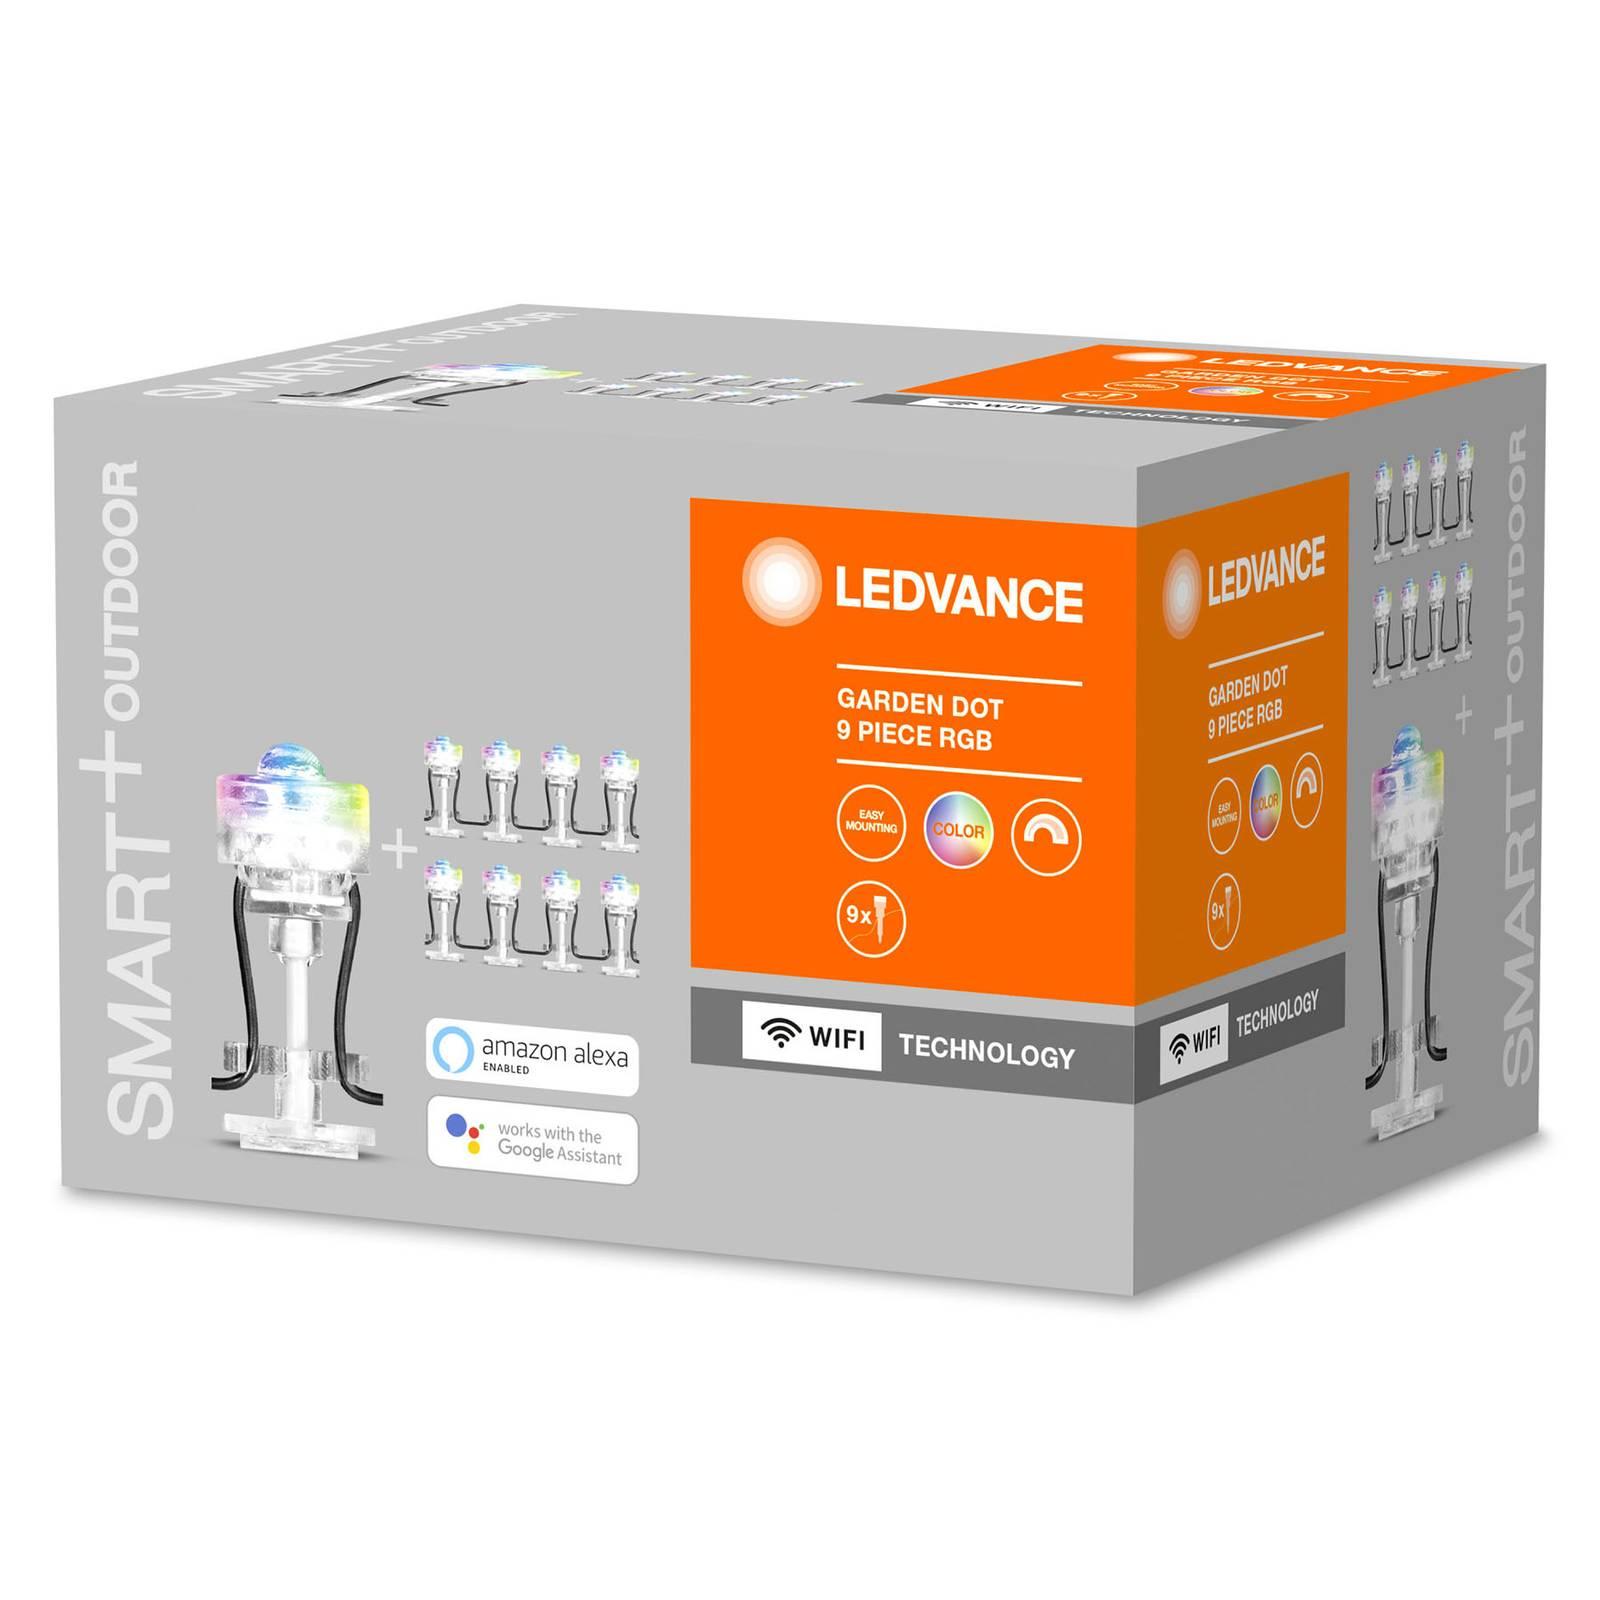 LEDVANCE SMART+ WiFi Garden Dot -LED-spotti, 9 kpl